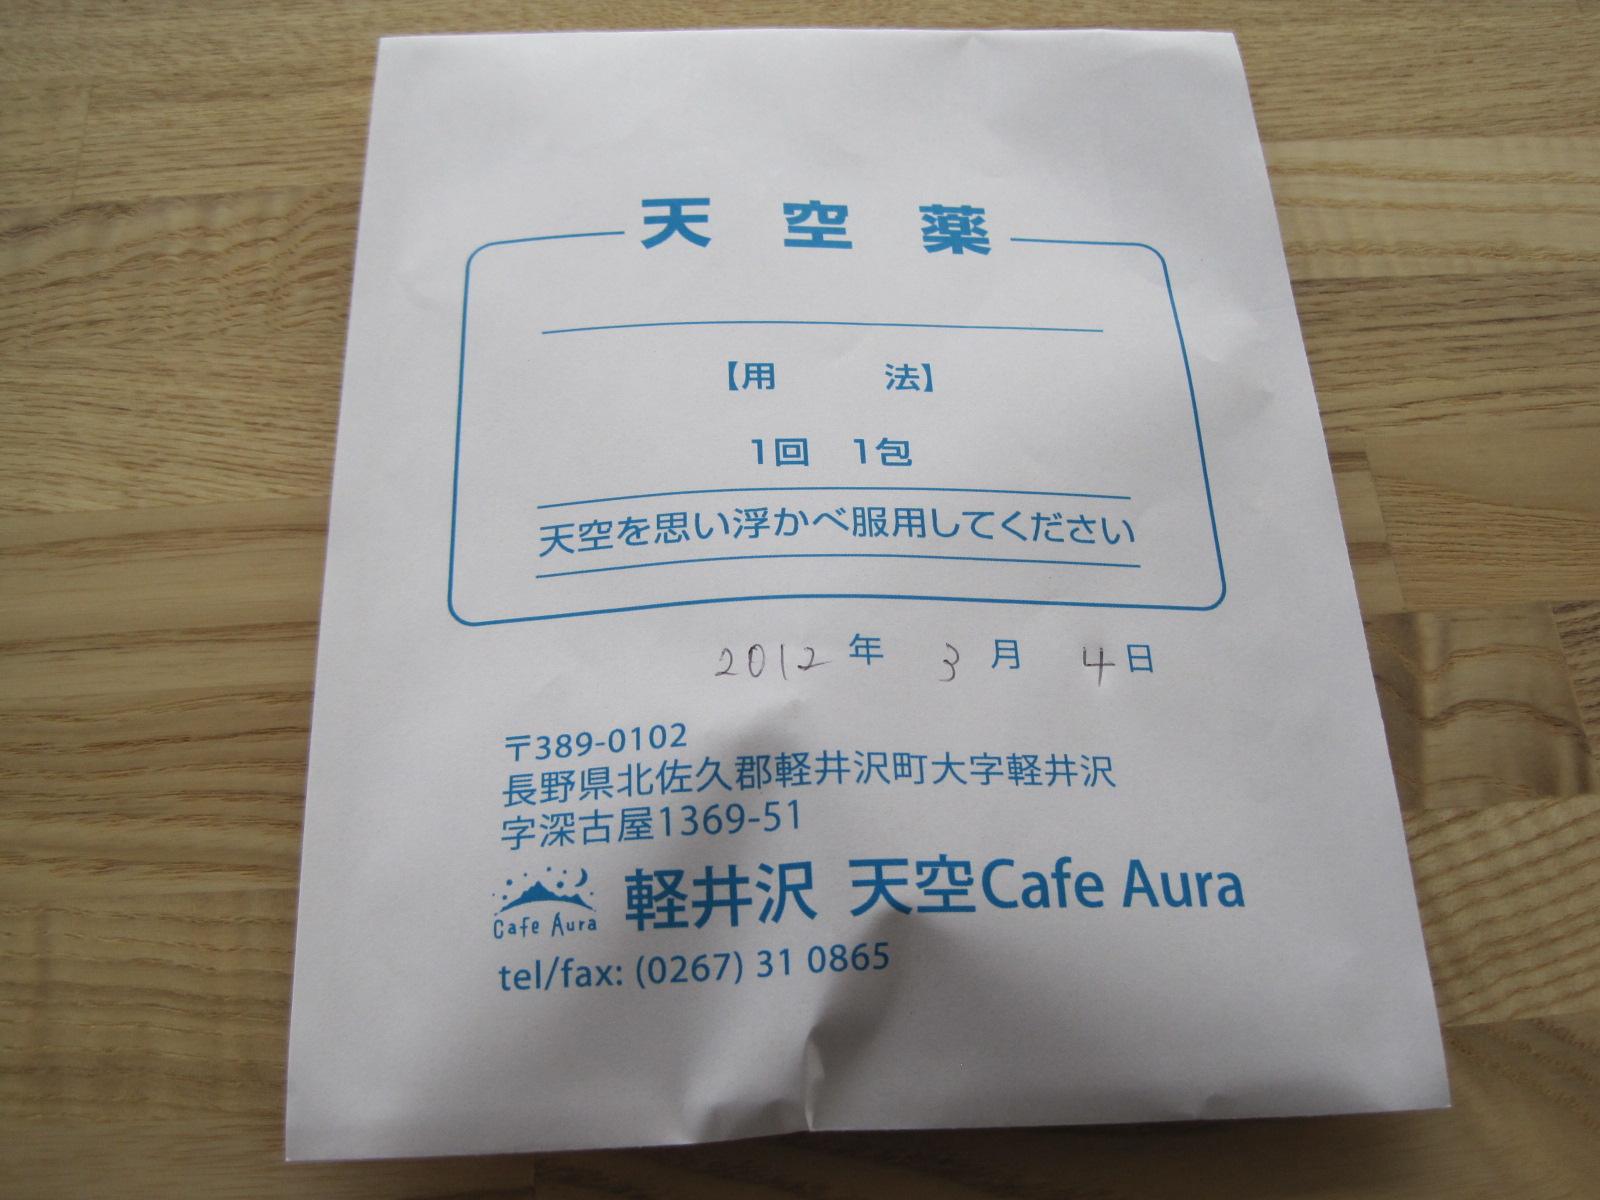 天空のカフェ・アウラ~Cafe Aura <閉店>_f0236260_14232595.jpg